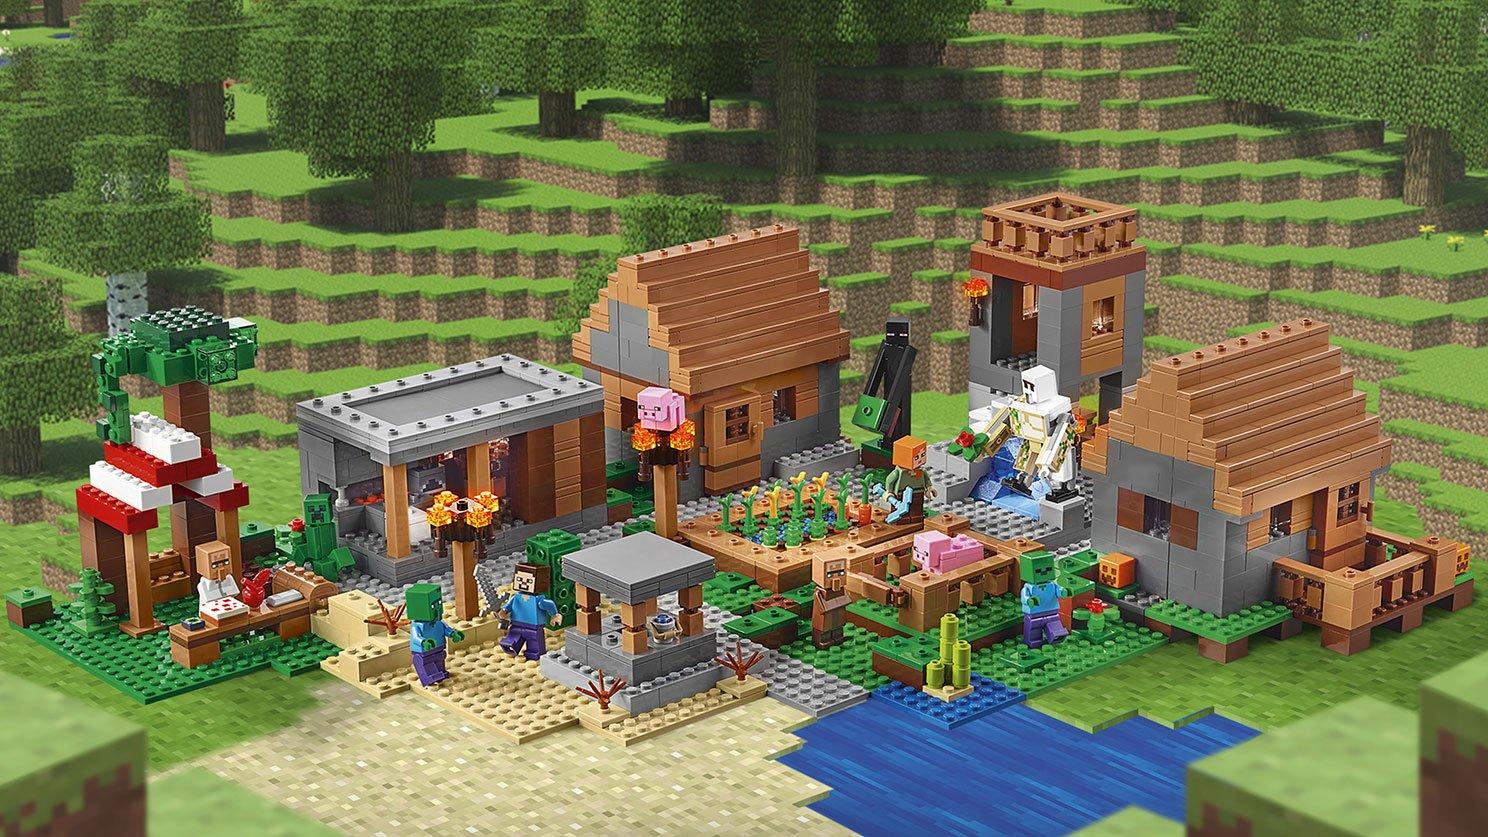 LEGO Minecraft Wioska 21128